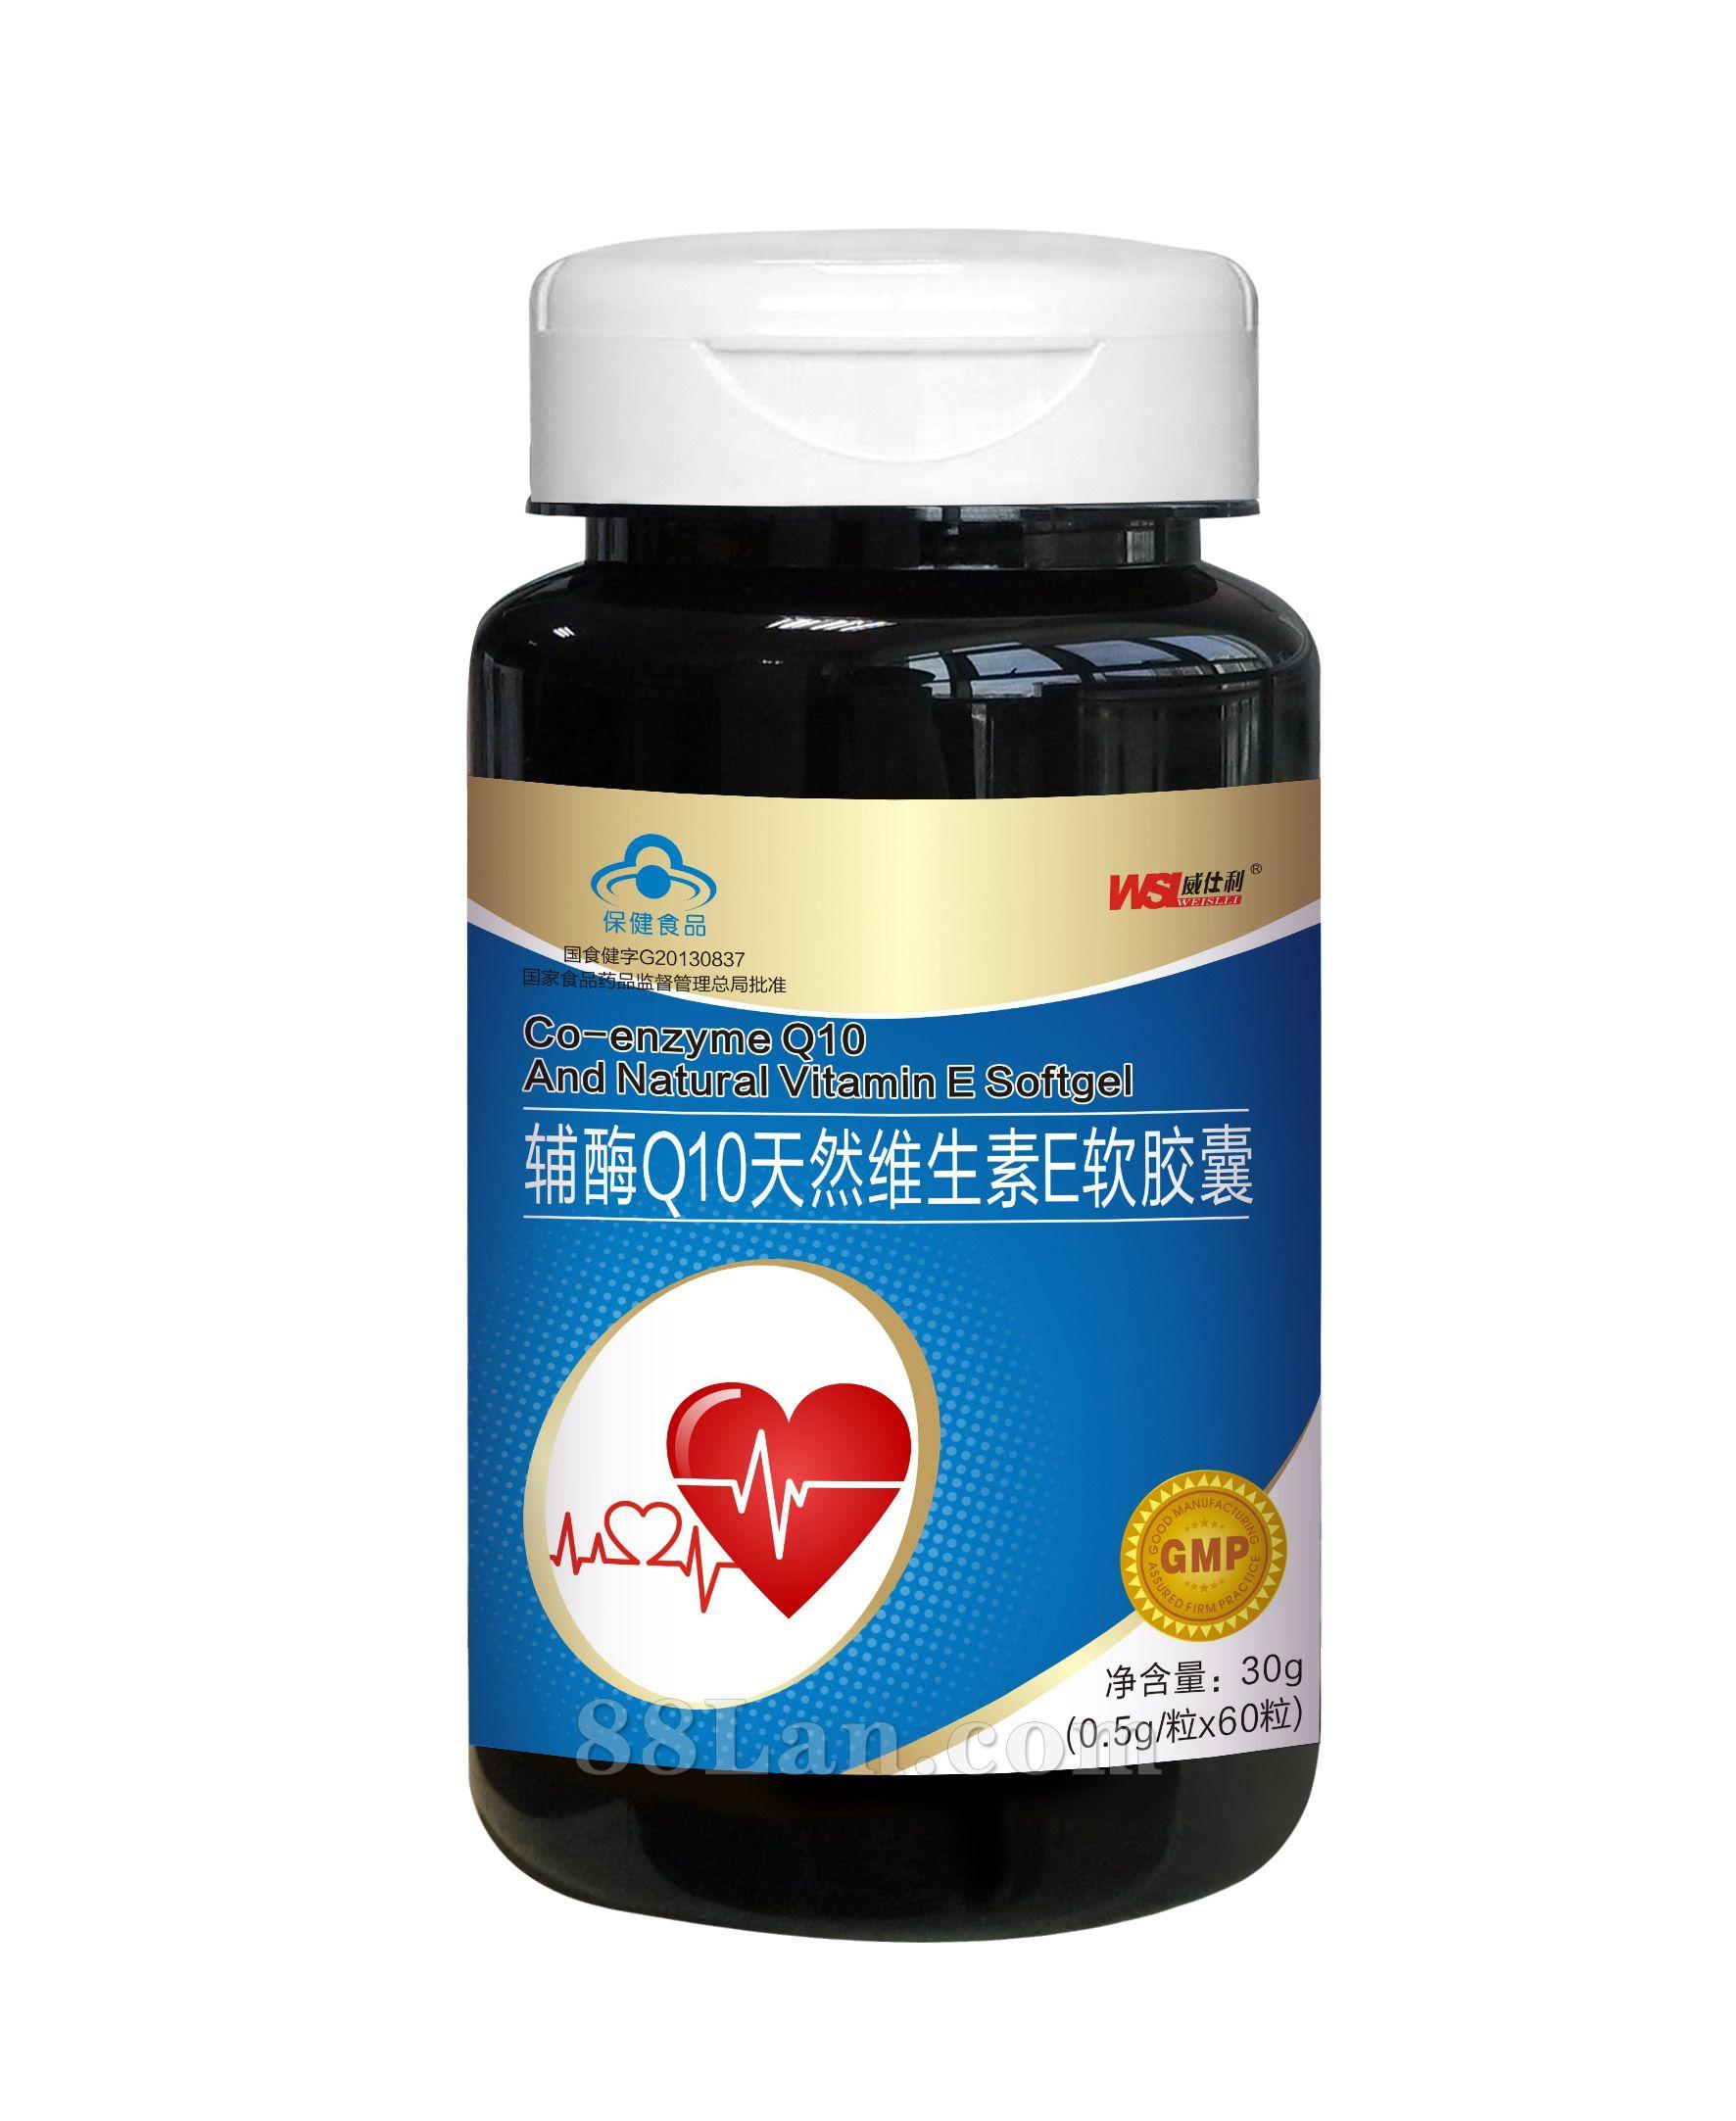 辅酶Q10天然维生素E软胶囊